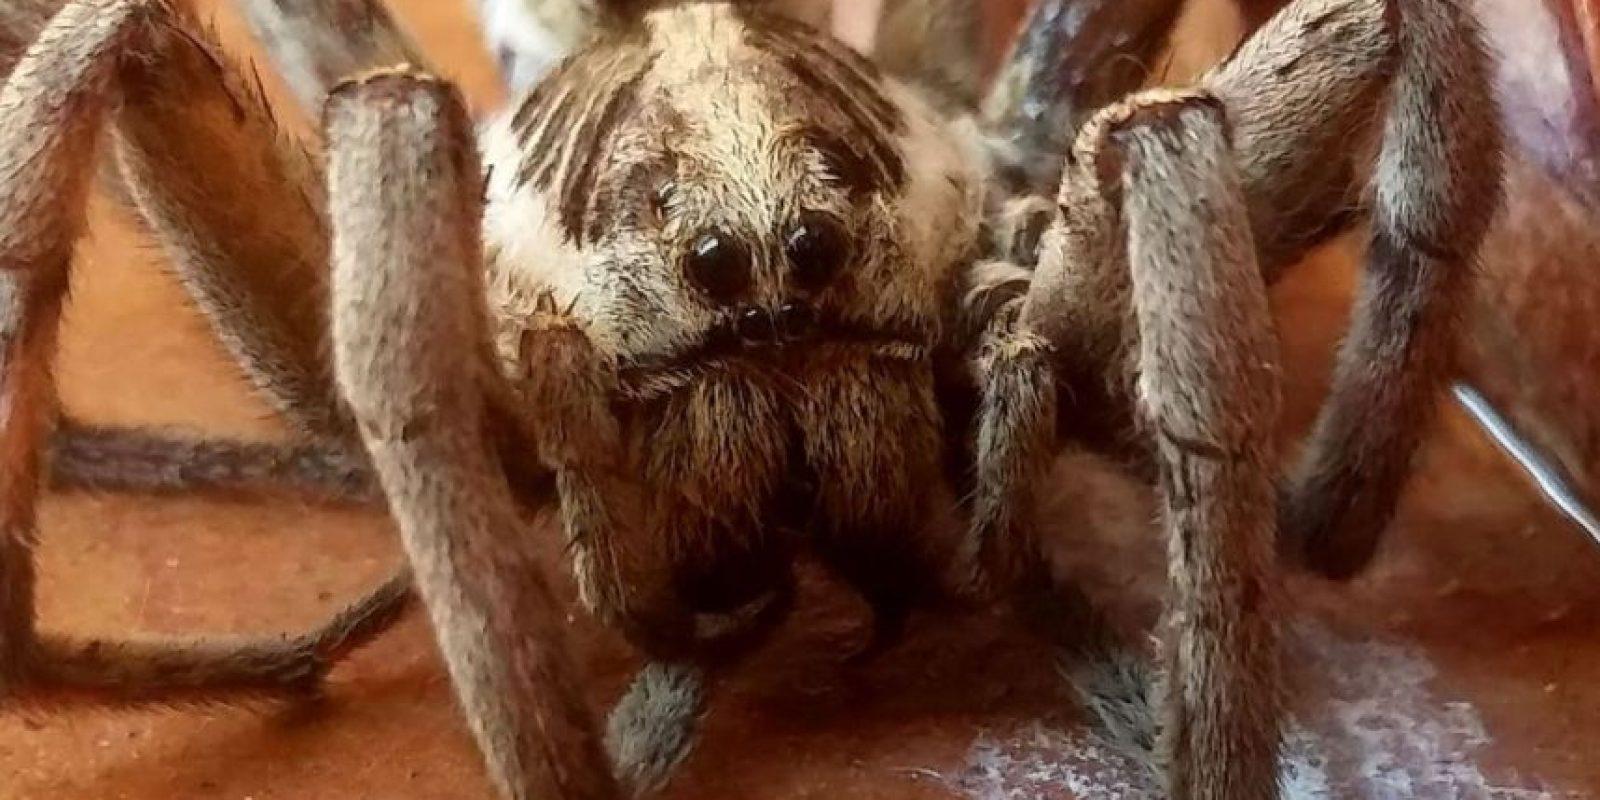 La araña lobo: su picadura puede causar una infección grave que si no se trata puede causar complicaciones serias. Foto:commons.wikimedia.org